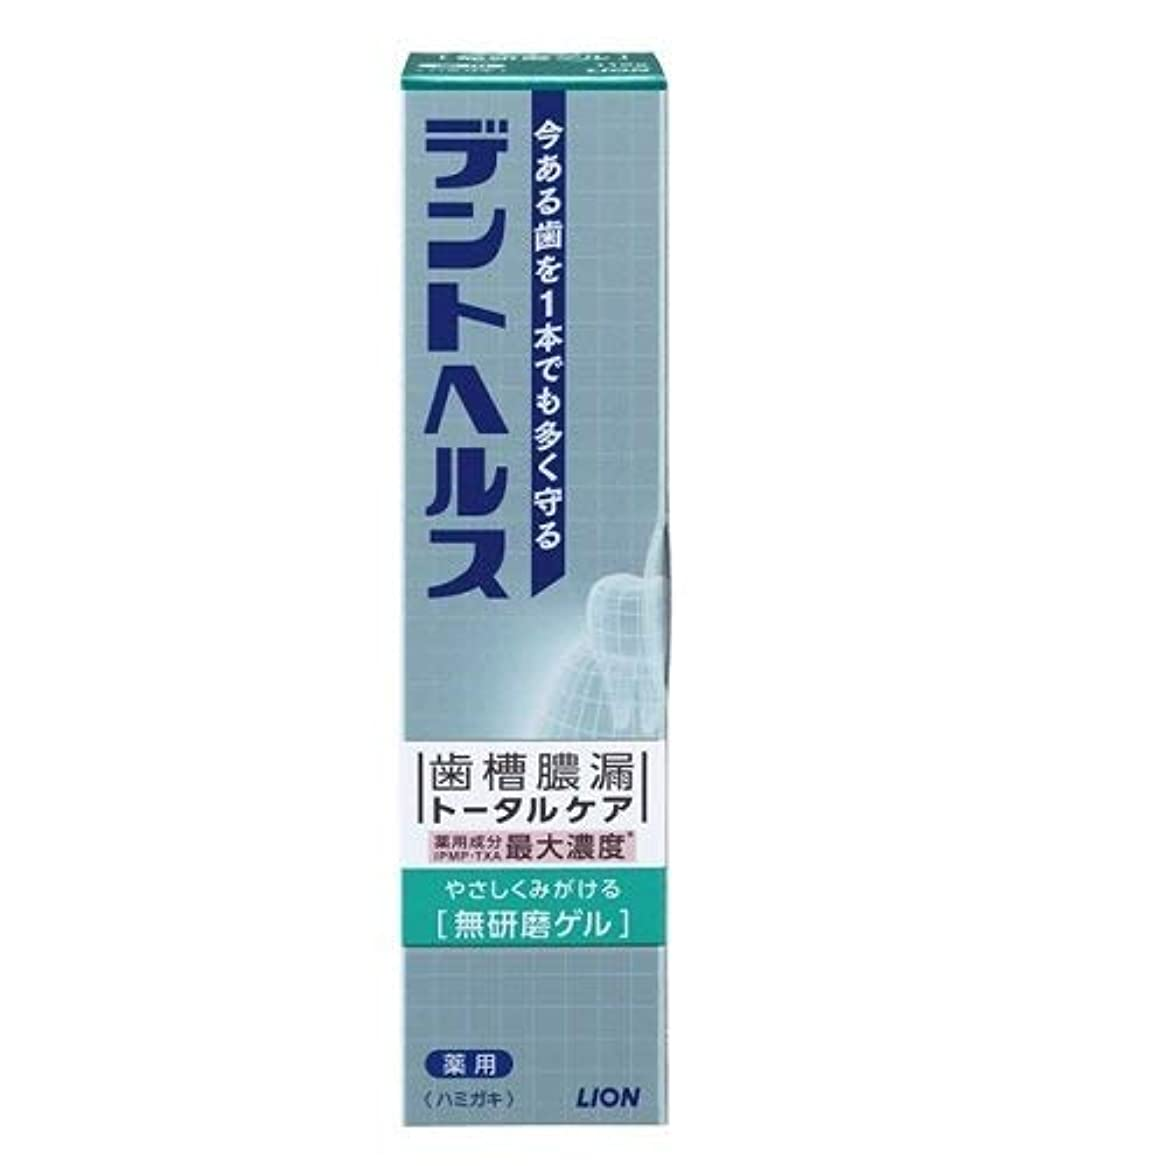 支援するライフル情熱ライオン デントヘルス 薬用ハミガキ 無研磨ゲル 115g (医薬部外品)× 4